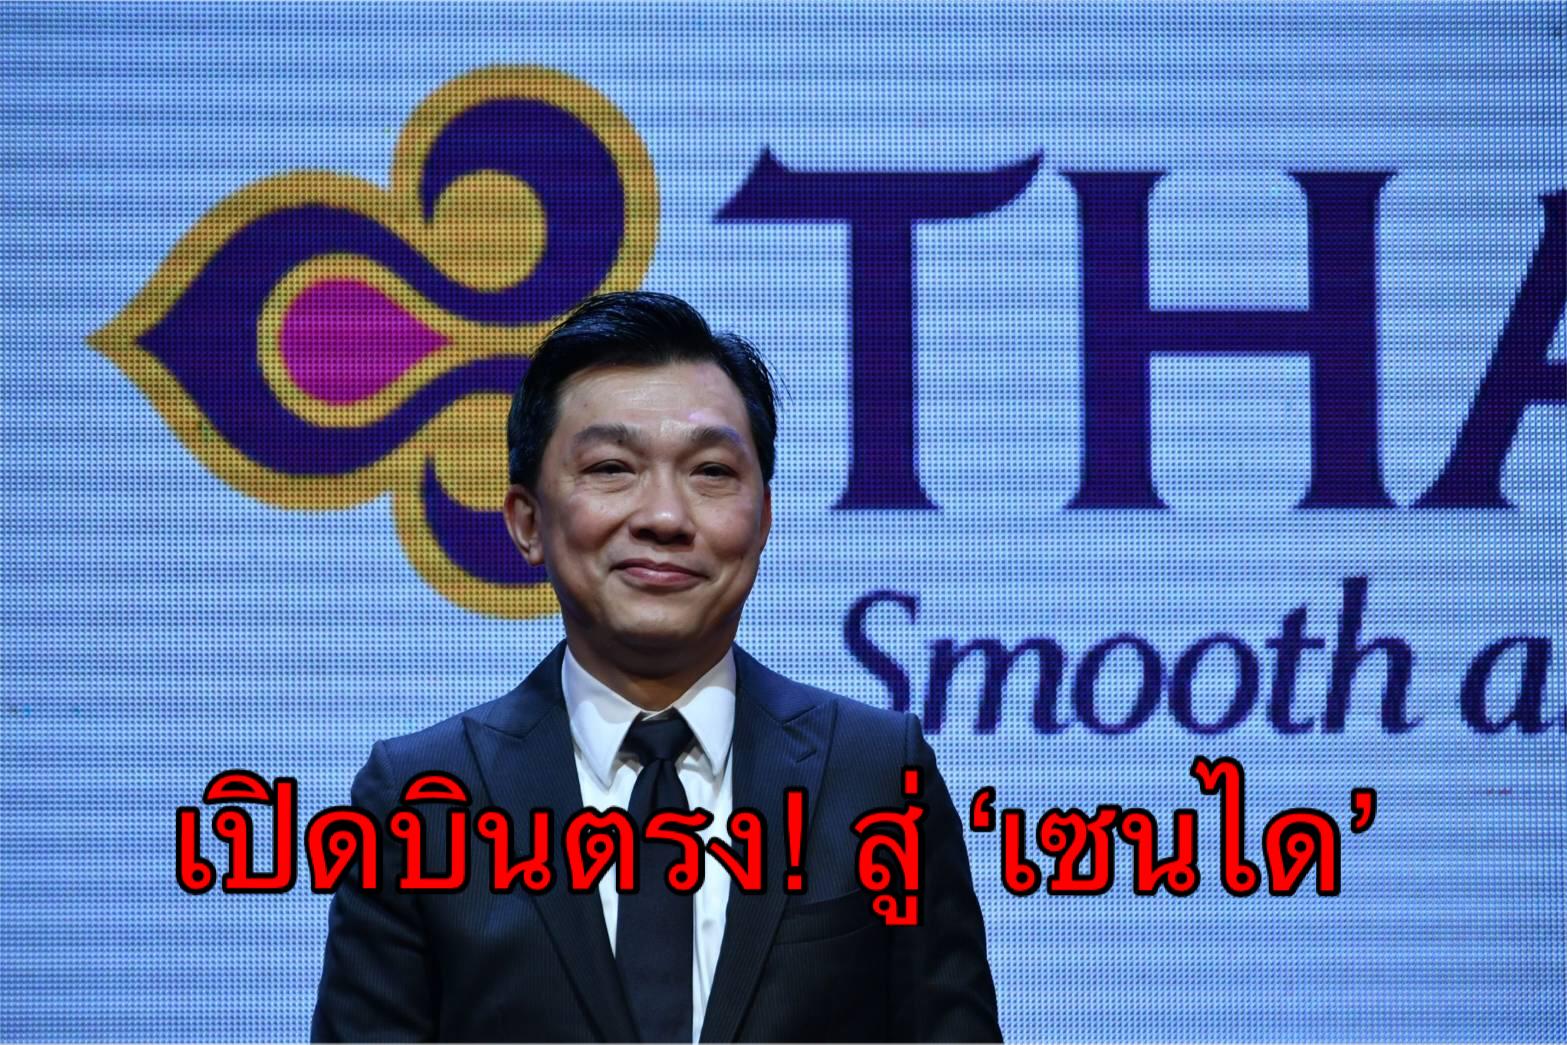 'บินไทยฯ' โชว์เหนือ! เปิดบินตรงรายแรกเส้นทาง 'กรุงเทพฯ-เซนได'